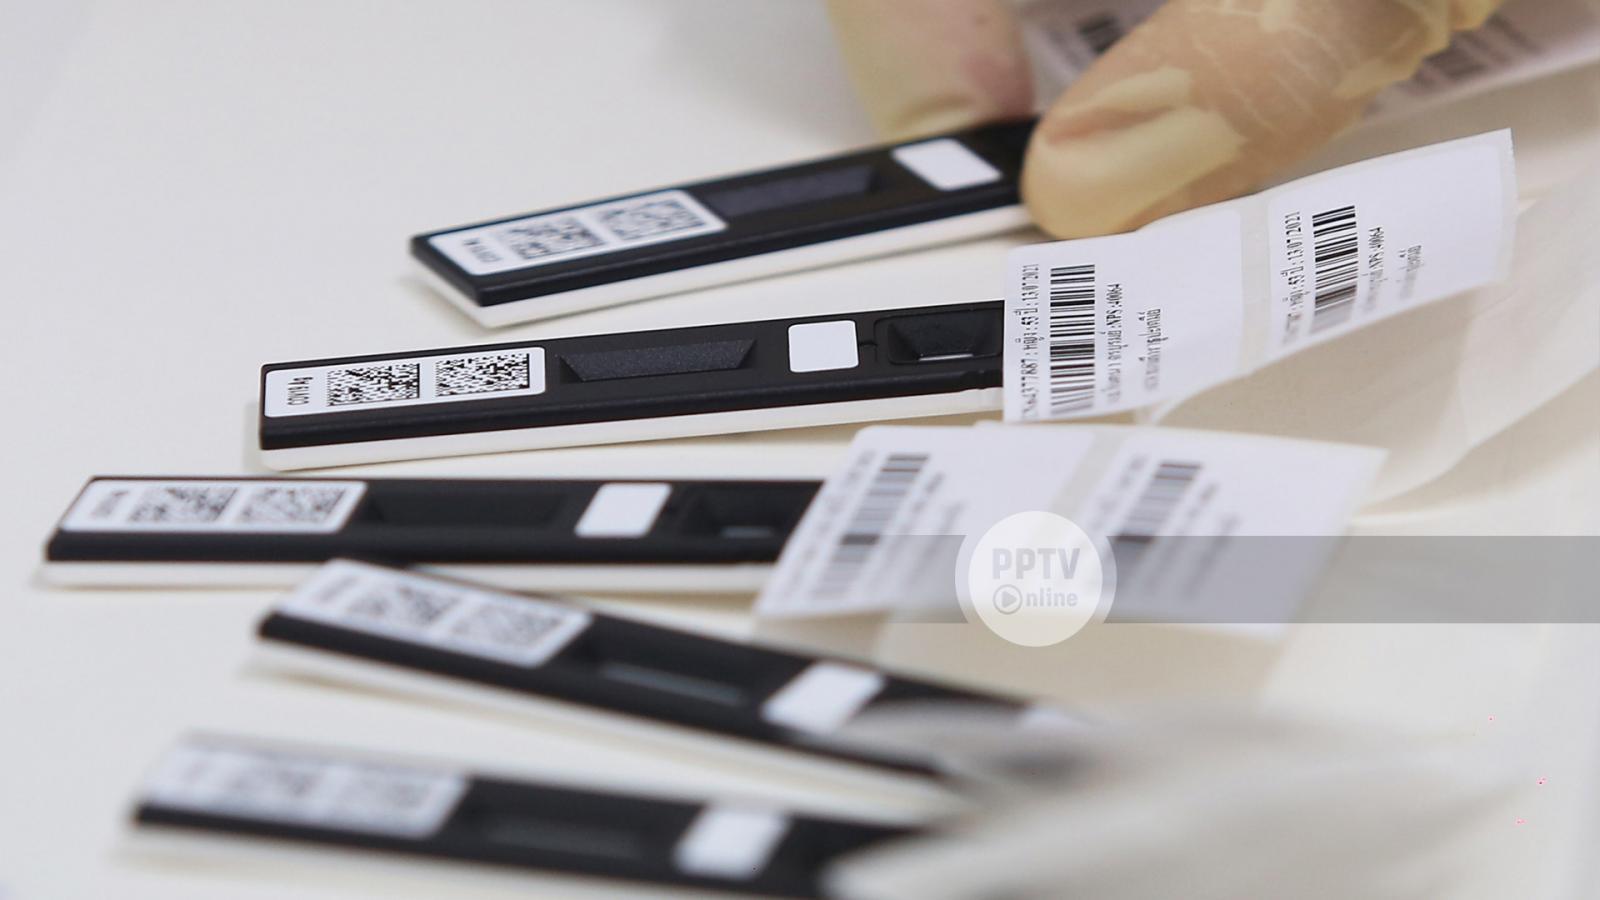 เปิดผลการใช้ชุดตรวจโควิด 19  Antigen Test Kit   กว่า 5 หมื่นราย ความผิดพลาดไม่เกิน 3%